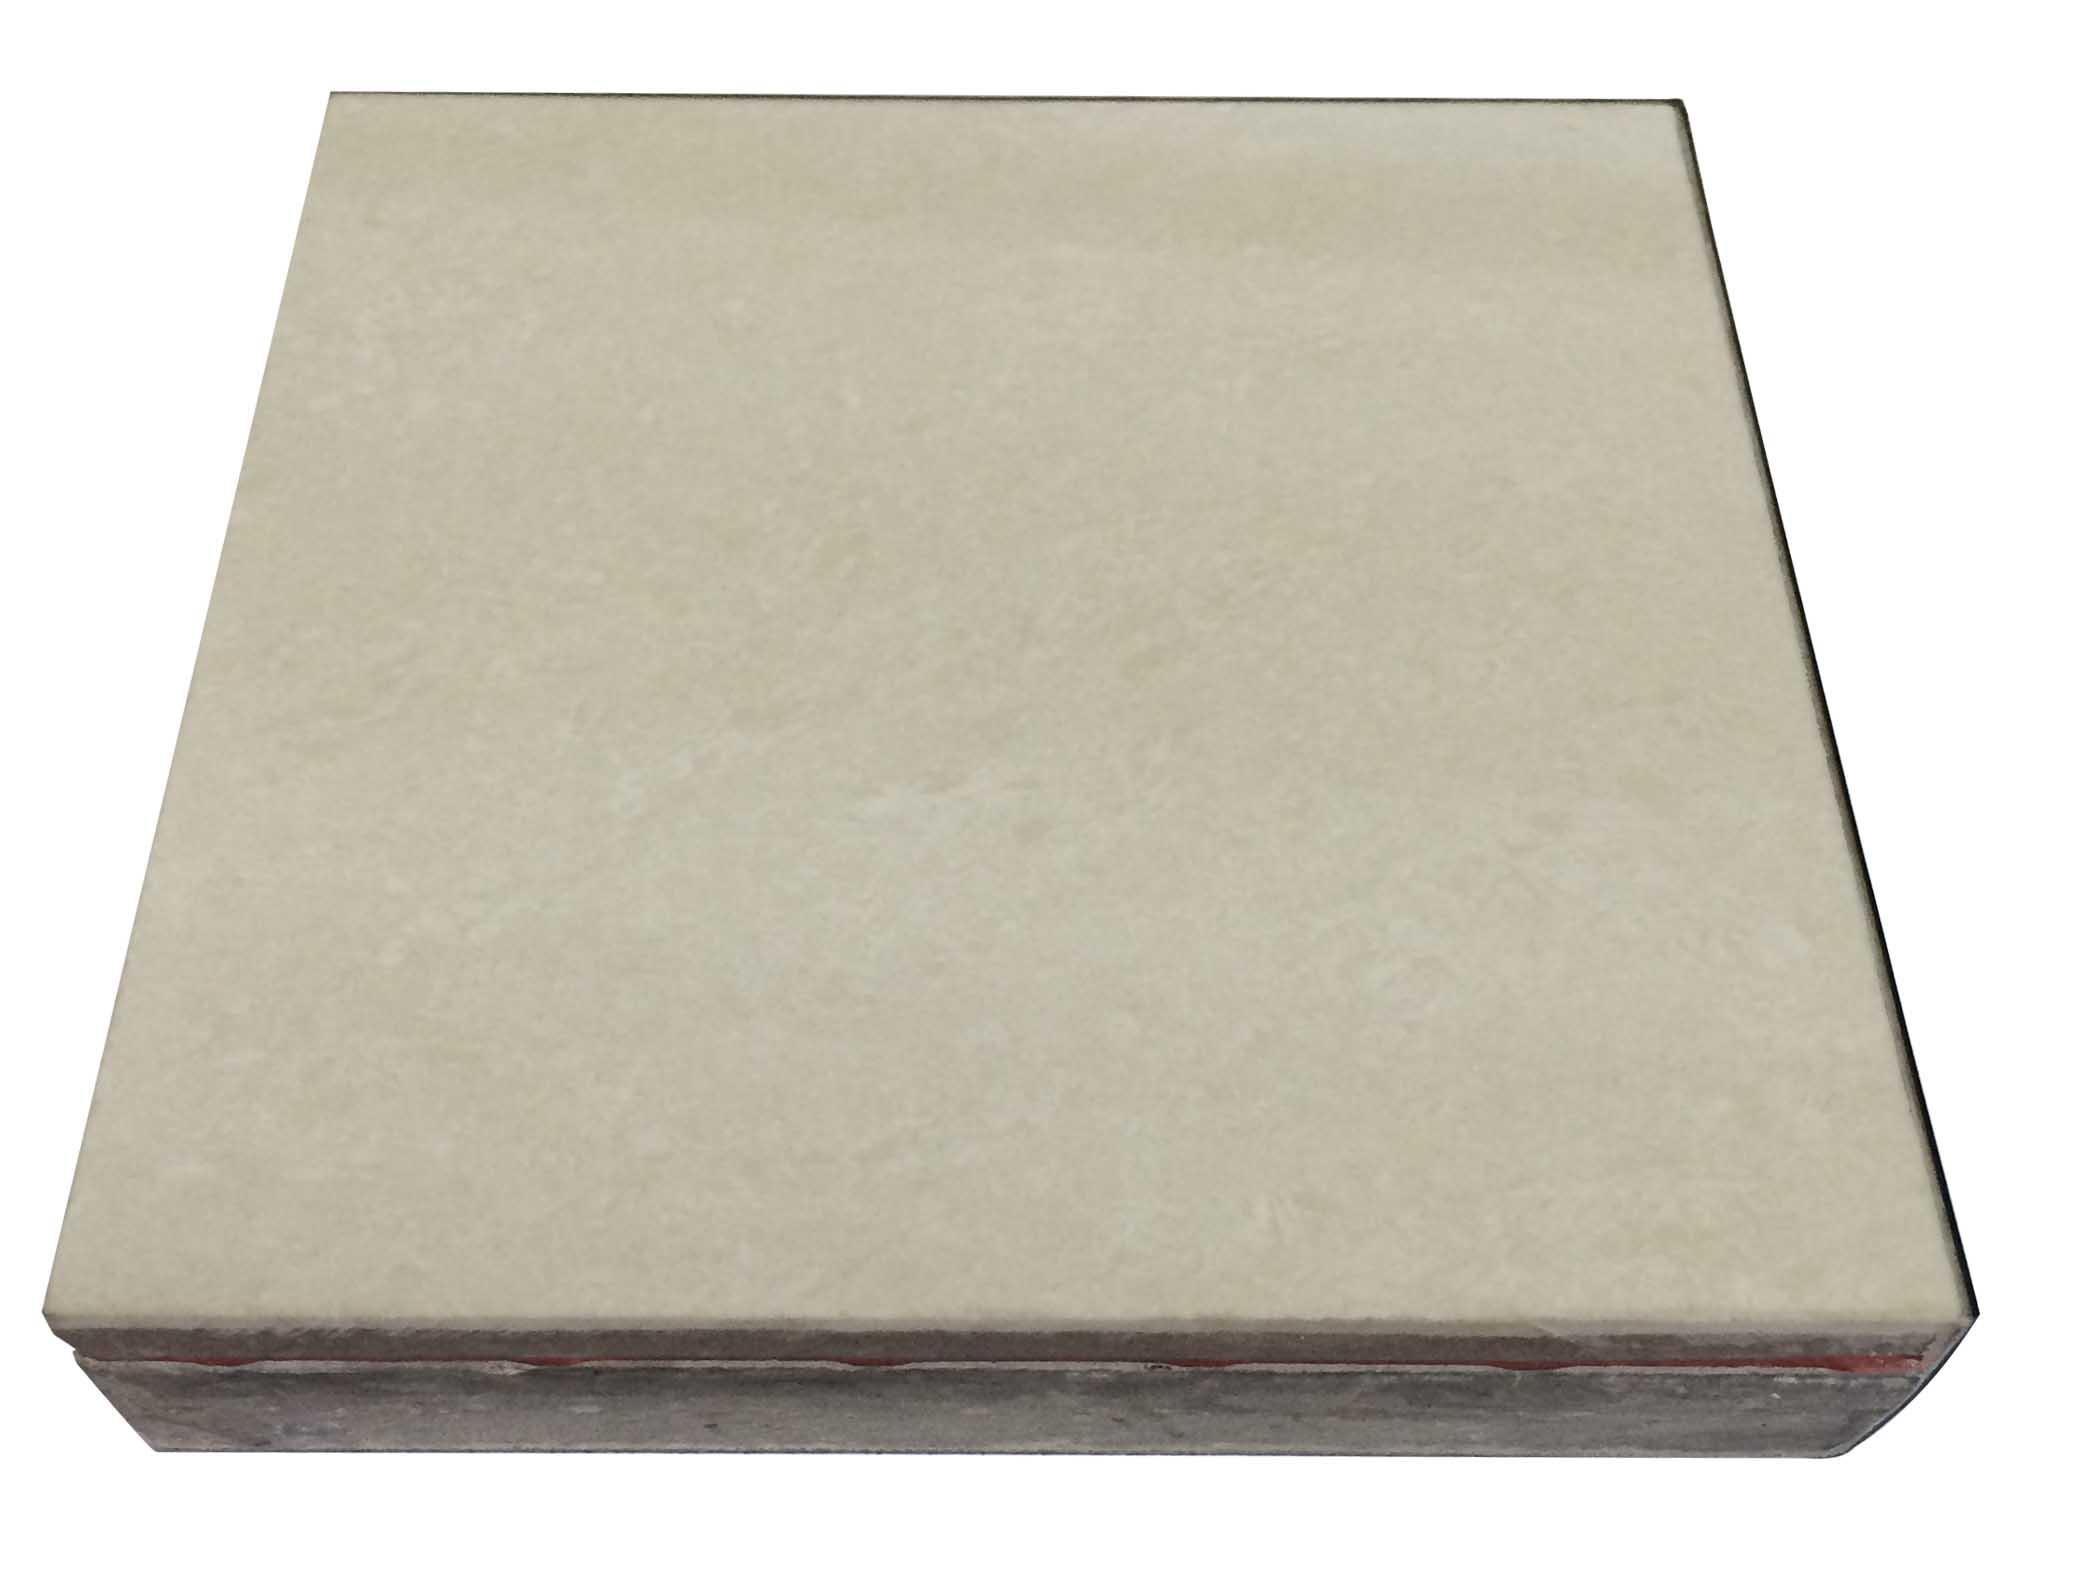 Calcium Sulphate Panels With Ceramic Finish